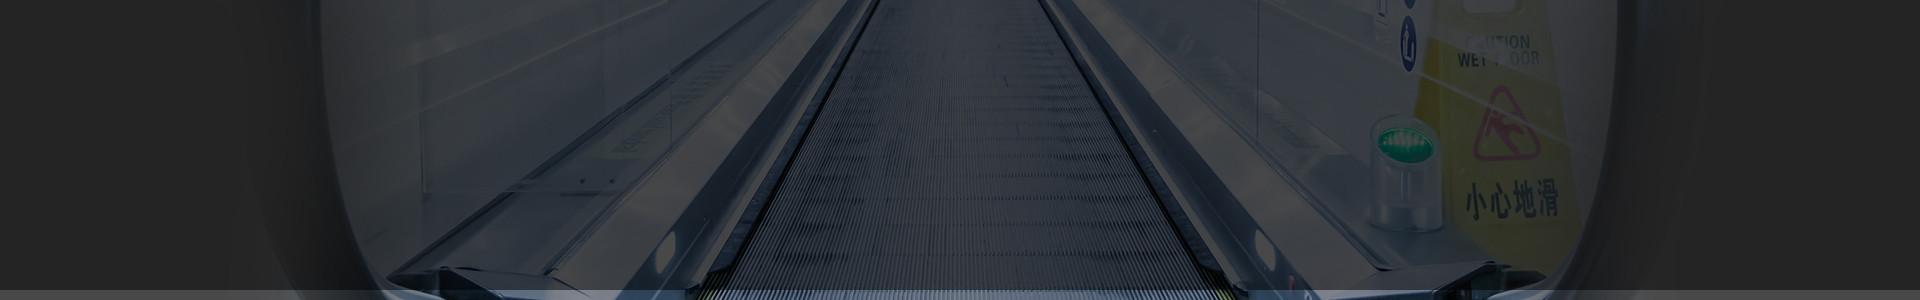 bant - GRM Serisi Yürüyen Yol